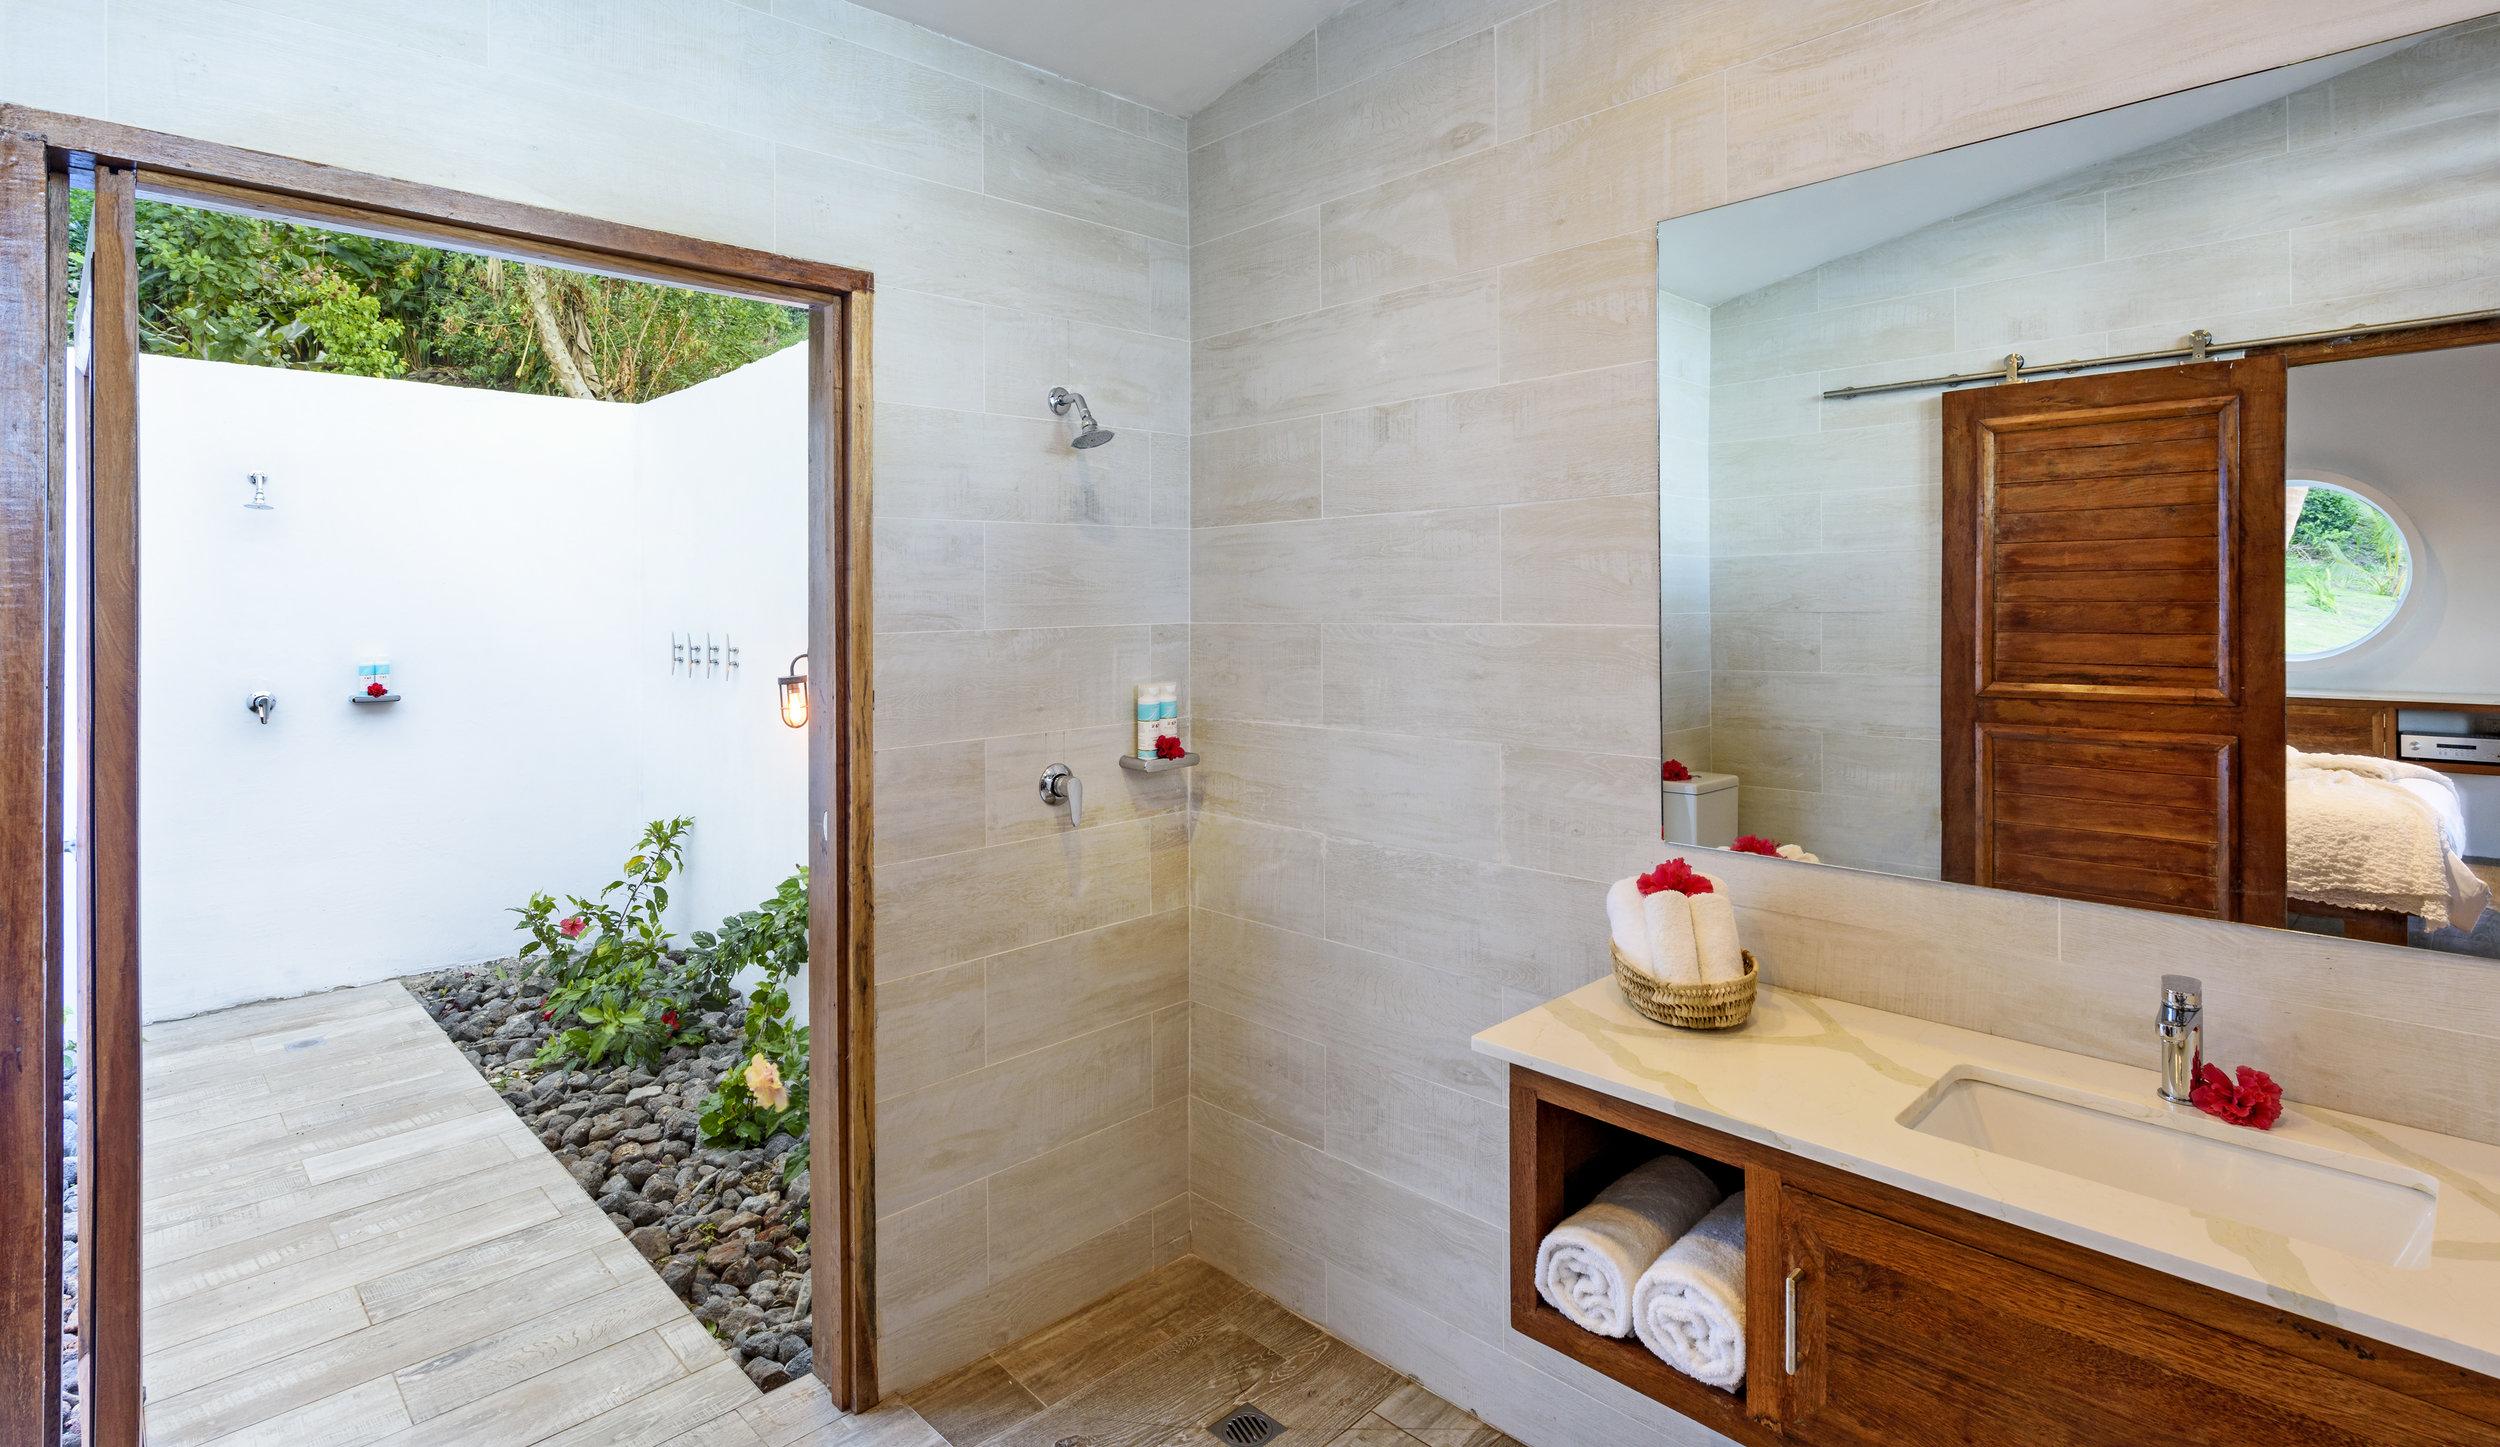 Fiji Resort - Two-bedroom Royal Retreat - Indoor and Outdoor Bathroom